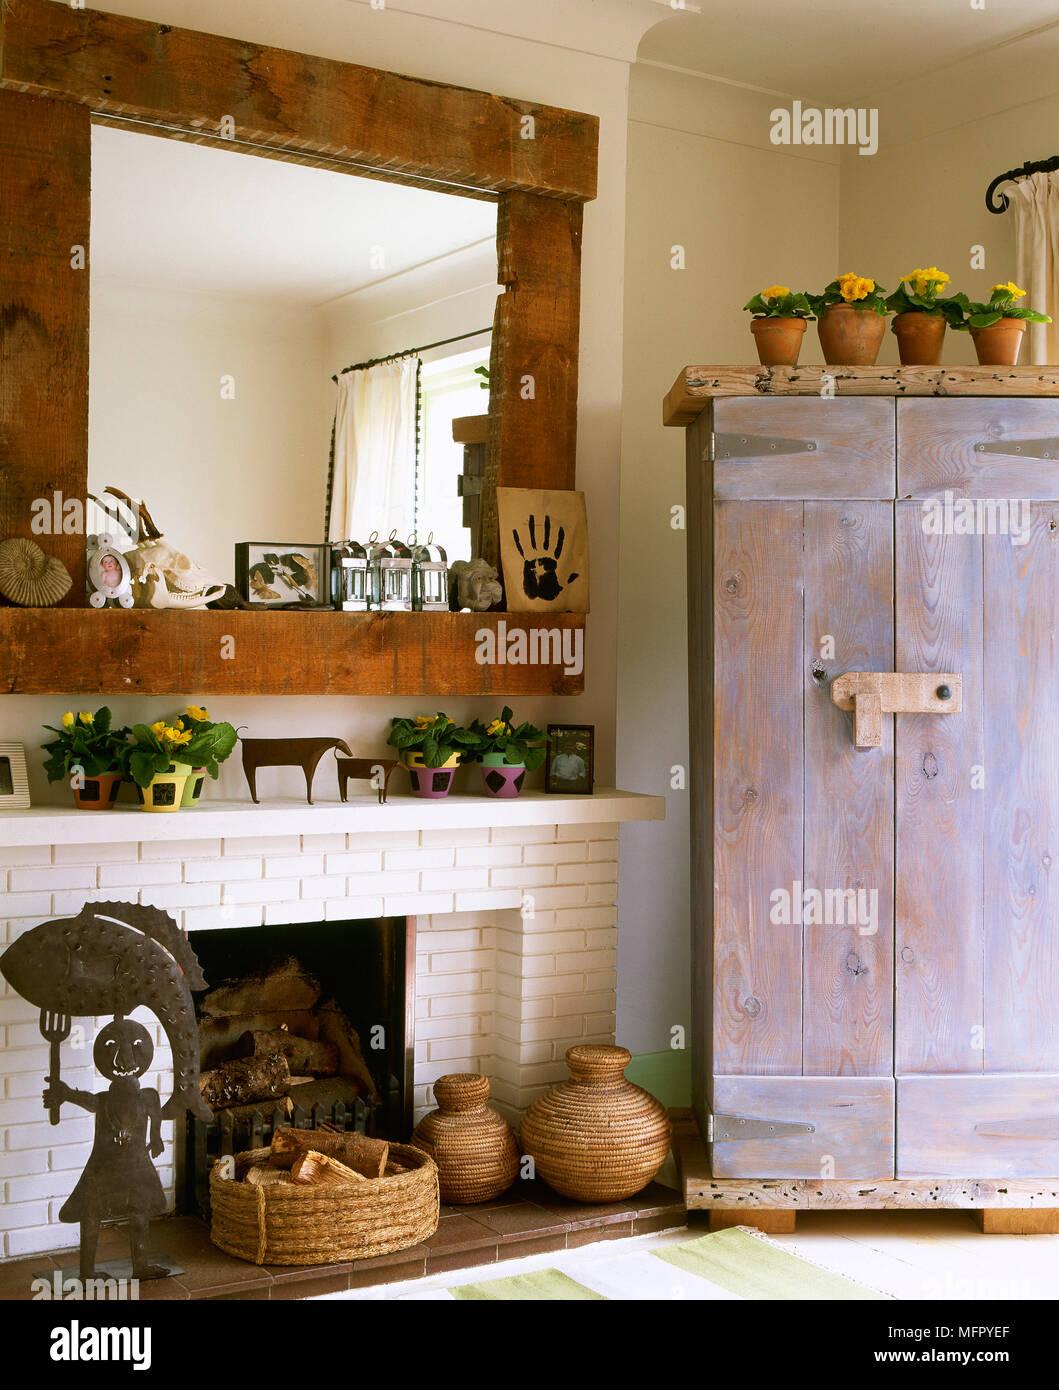 Land Wohnzimmer Mit Einem Gemalten Gemauerten Kamin Holz Spiegel Rustikalen Schrank Und Volkskunst Stockfotografie Alamy